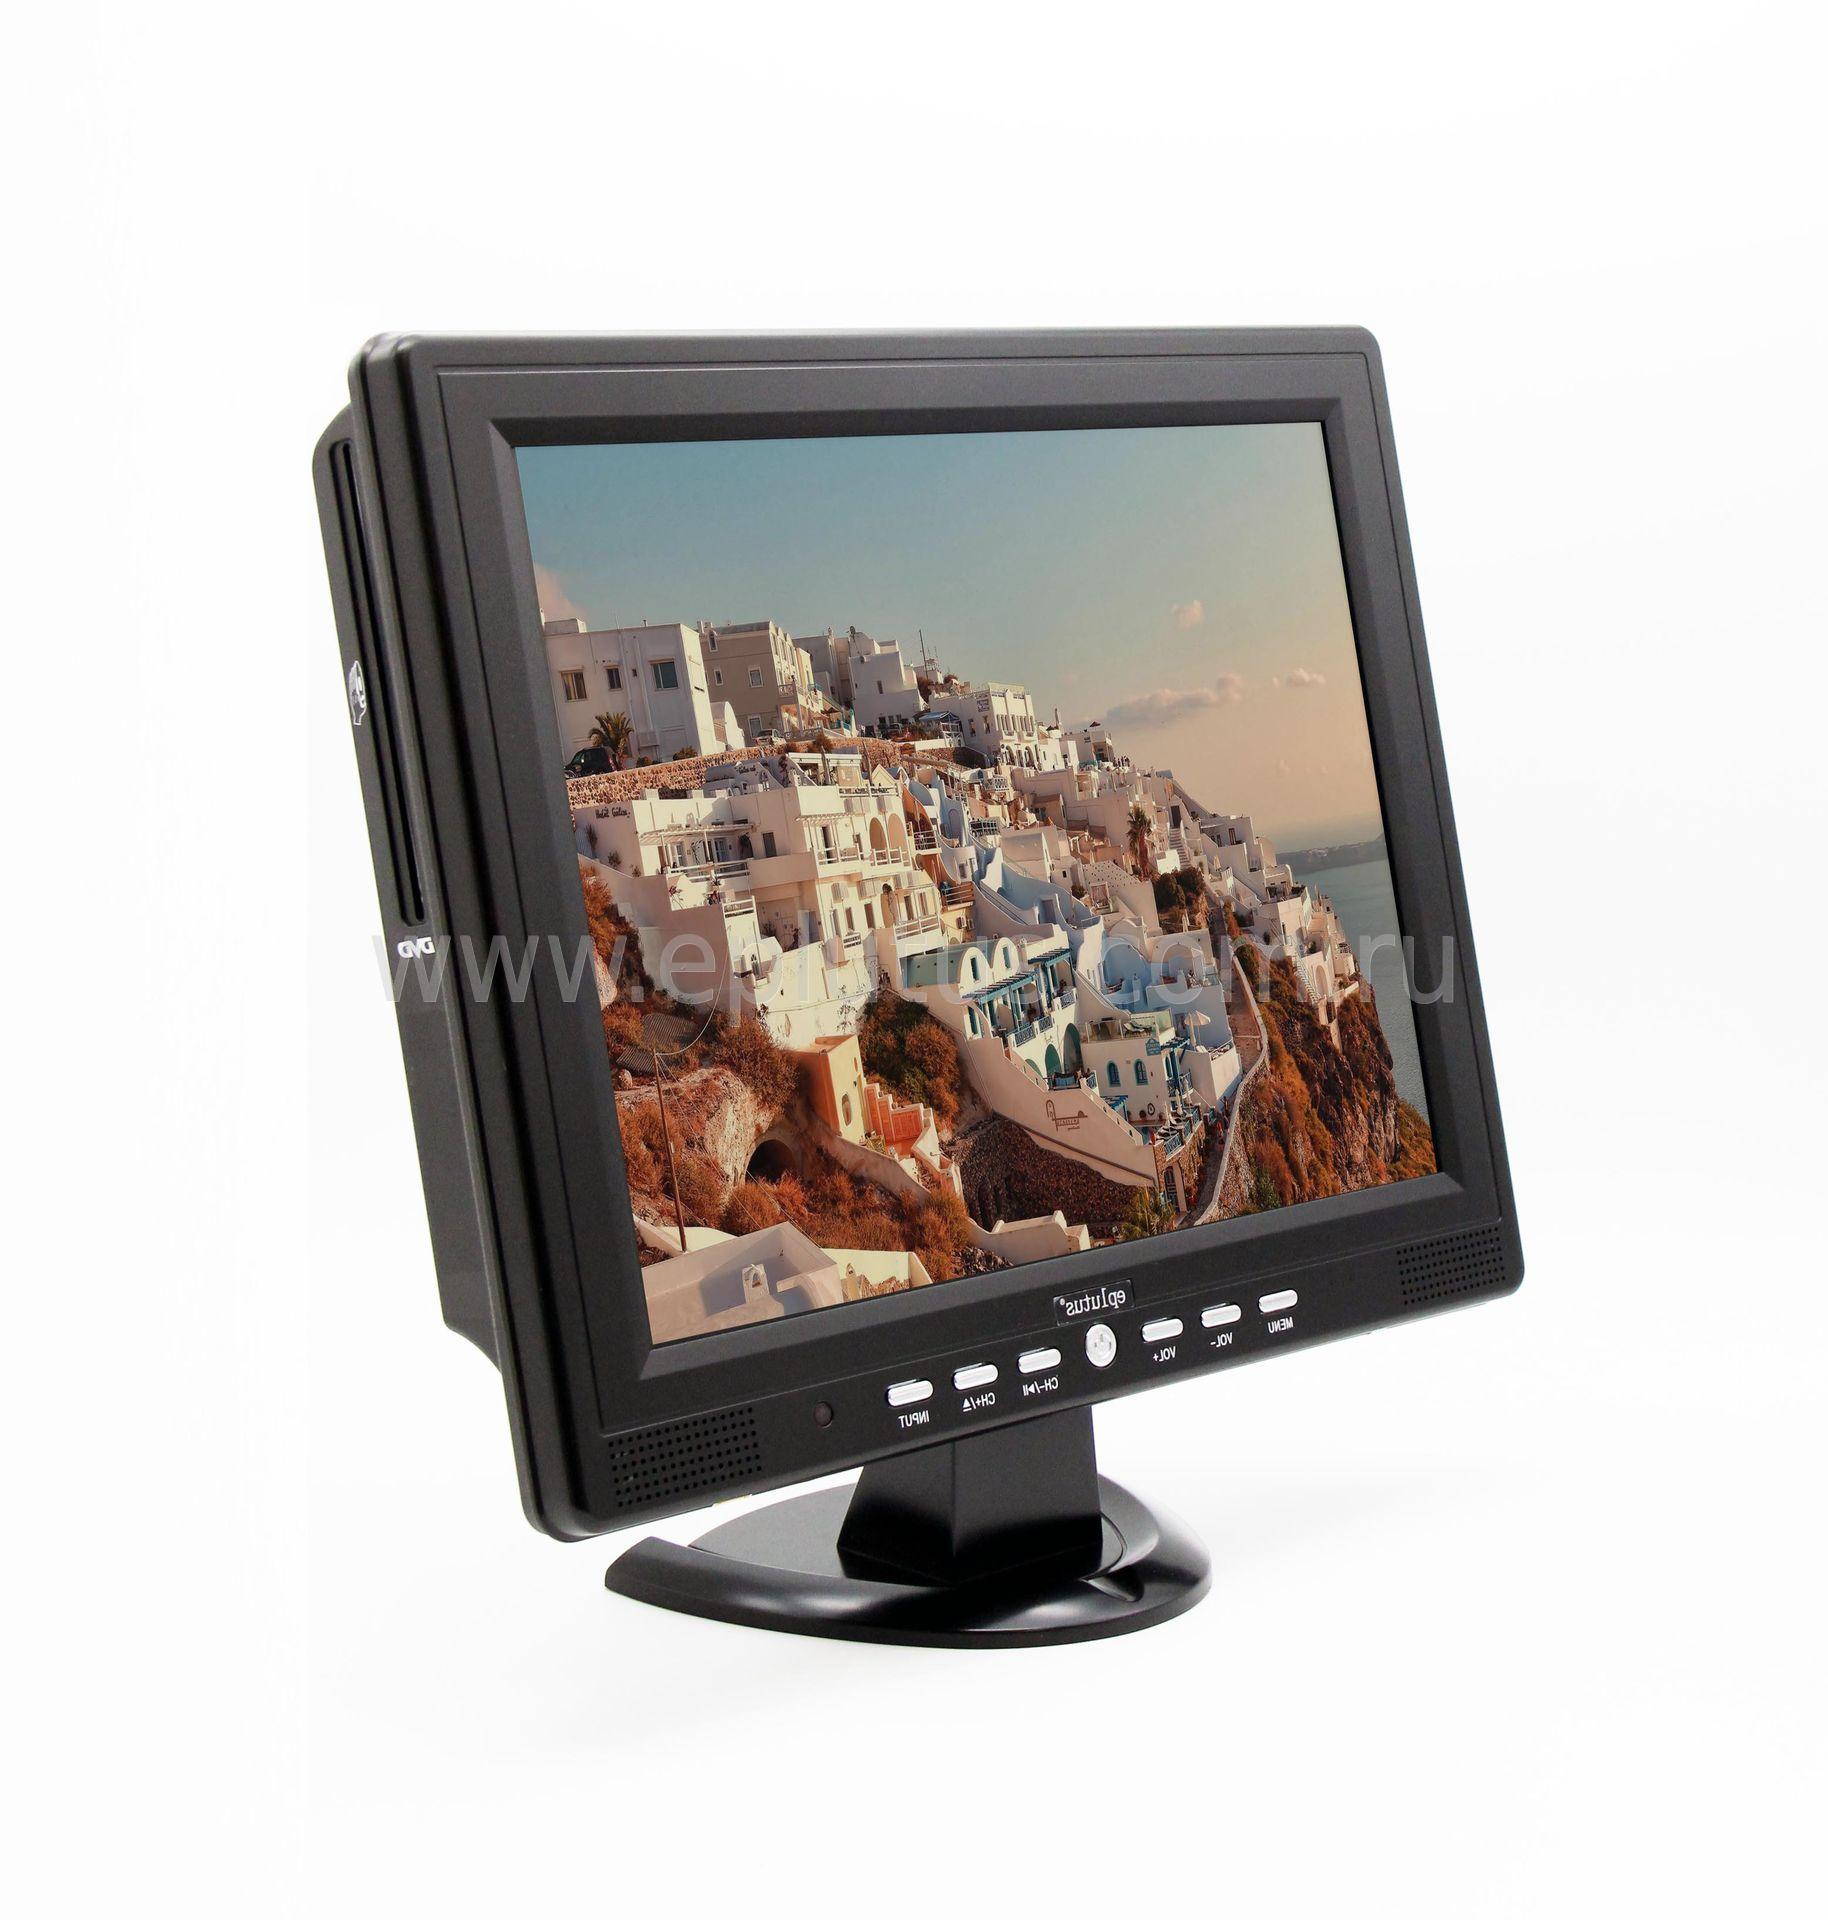 Автомобильный телевизор Eplutus EP-1515T автомобильный телевизор eplutus ep 900t